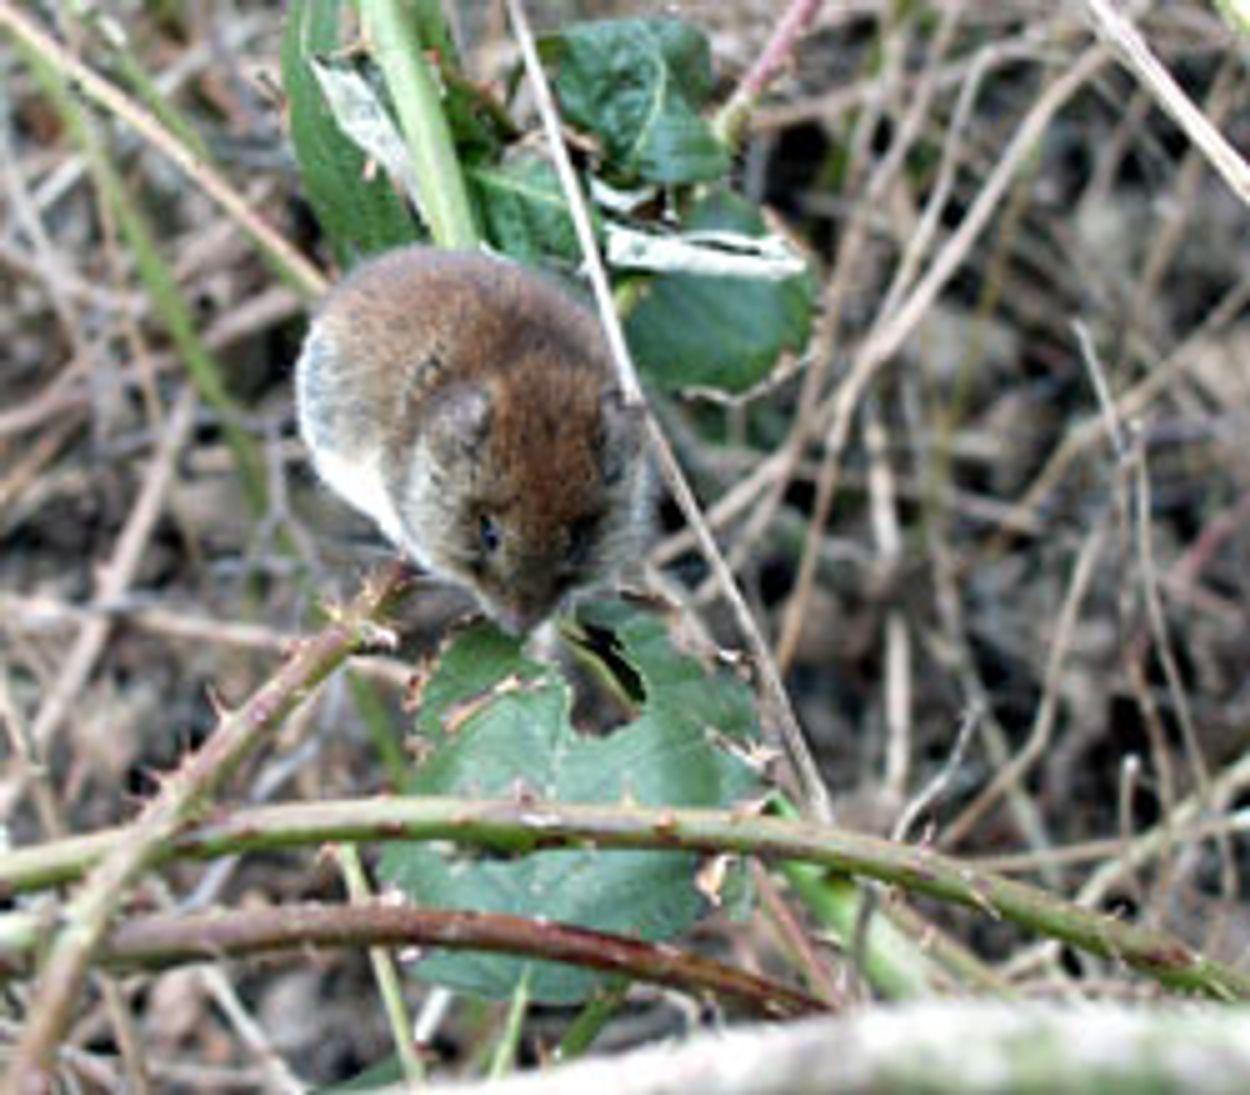 Afbeelding van Muizen met een staartje